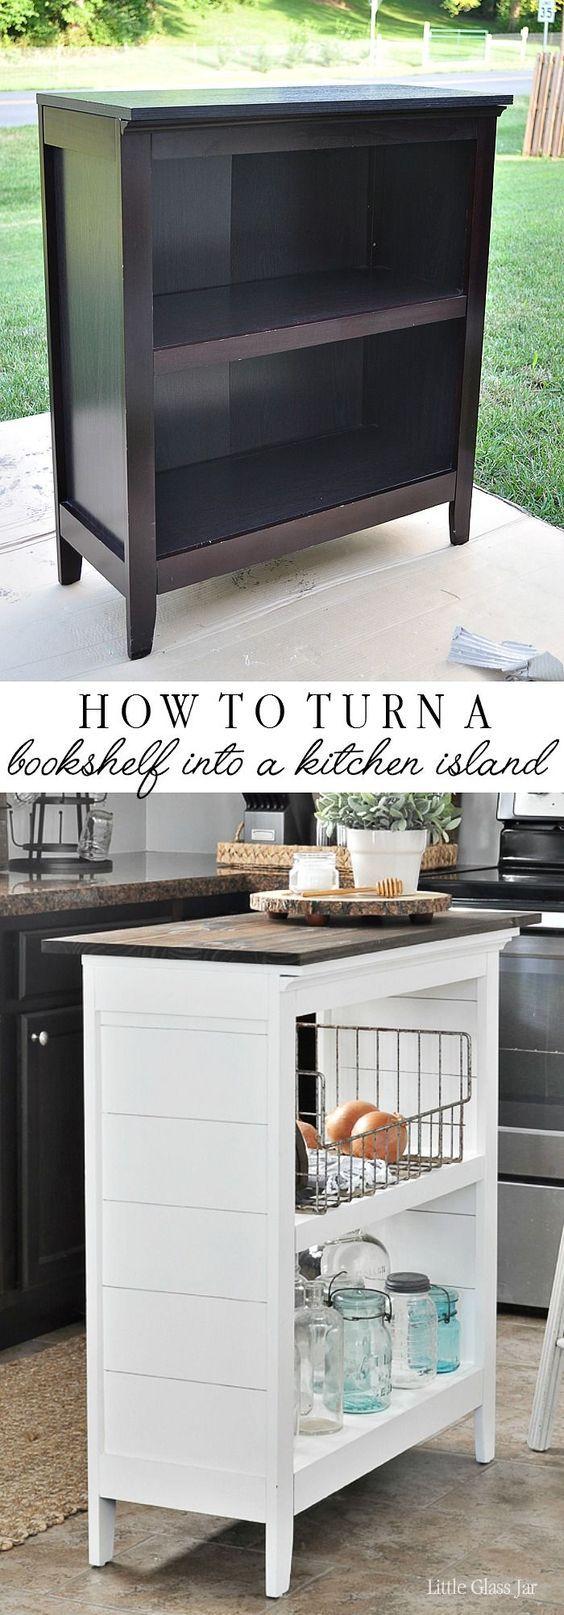 Ideas Para Arreglar Tu Cocina Con Poco Dinero Avec Images Ilot Cuisine Relooking De Mobilier Bibliotheque Ancienne